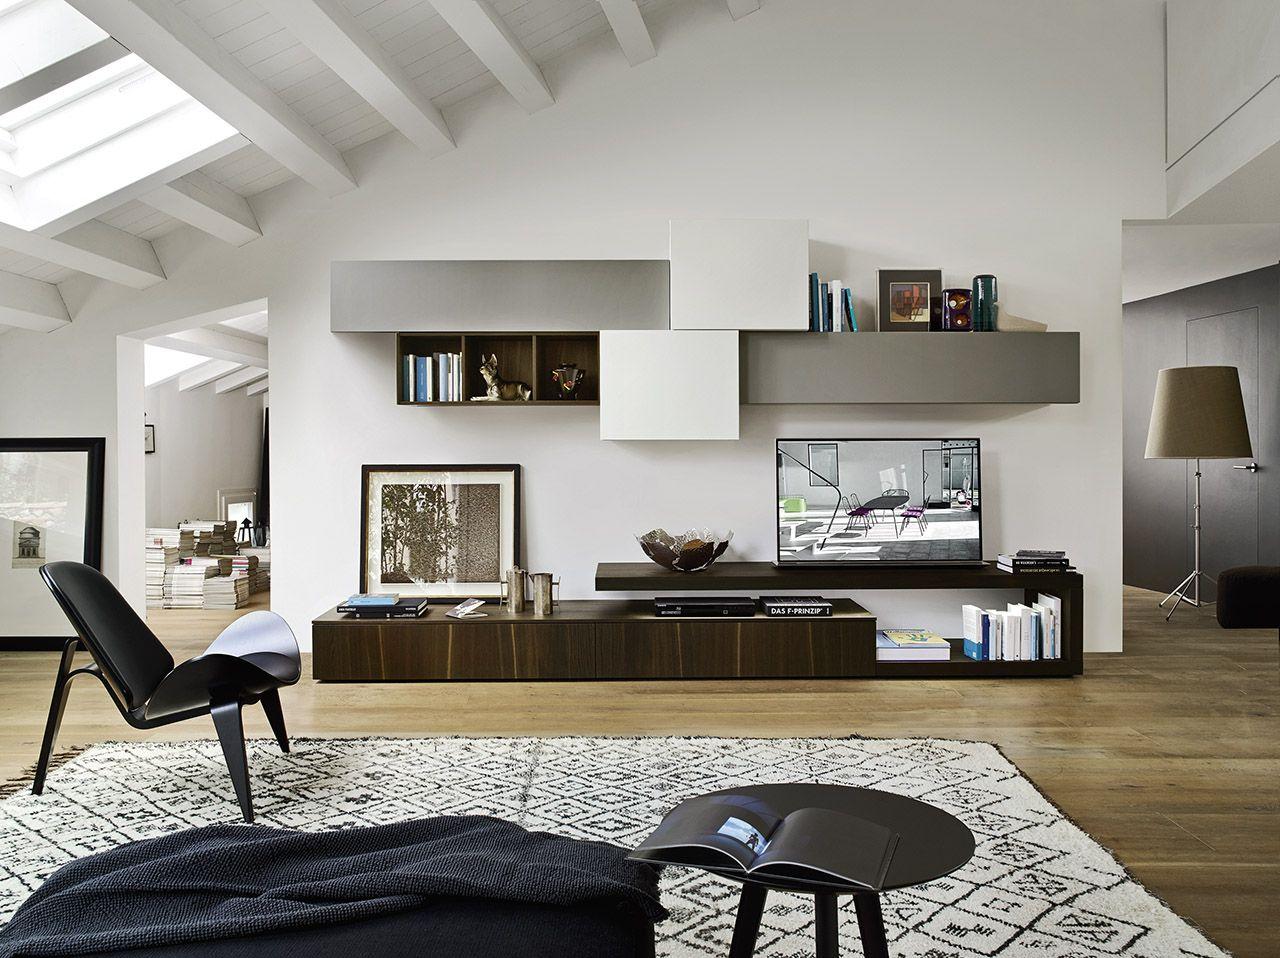 Wundervoll Moderne Livitalia Wohnwand C31 Mit Schwebenden TV Board Und Hängeschränken  In Verschiedenen Tiefen. #Wohnwand